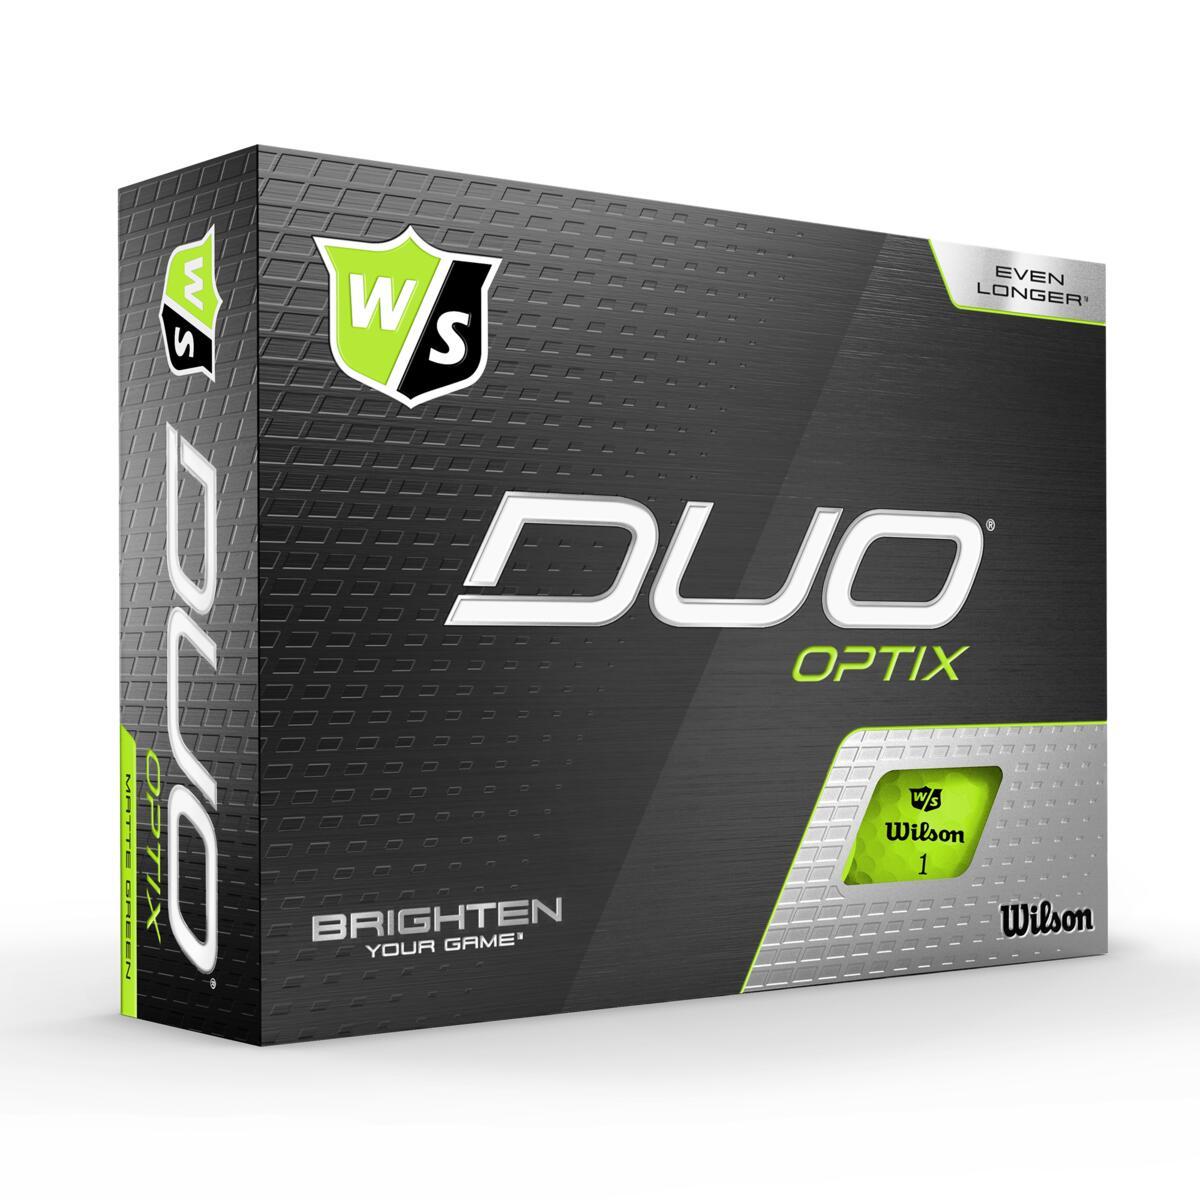 Wilson - Duo OPTIX Green 12pack Golf Balls